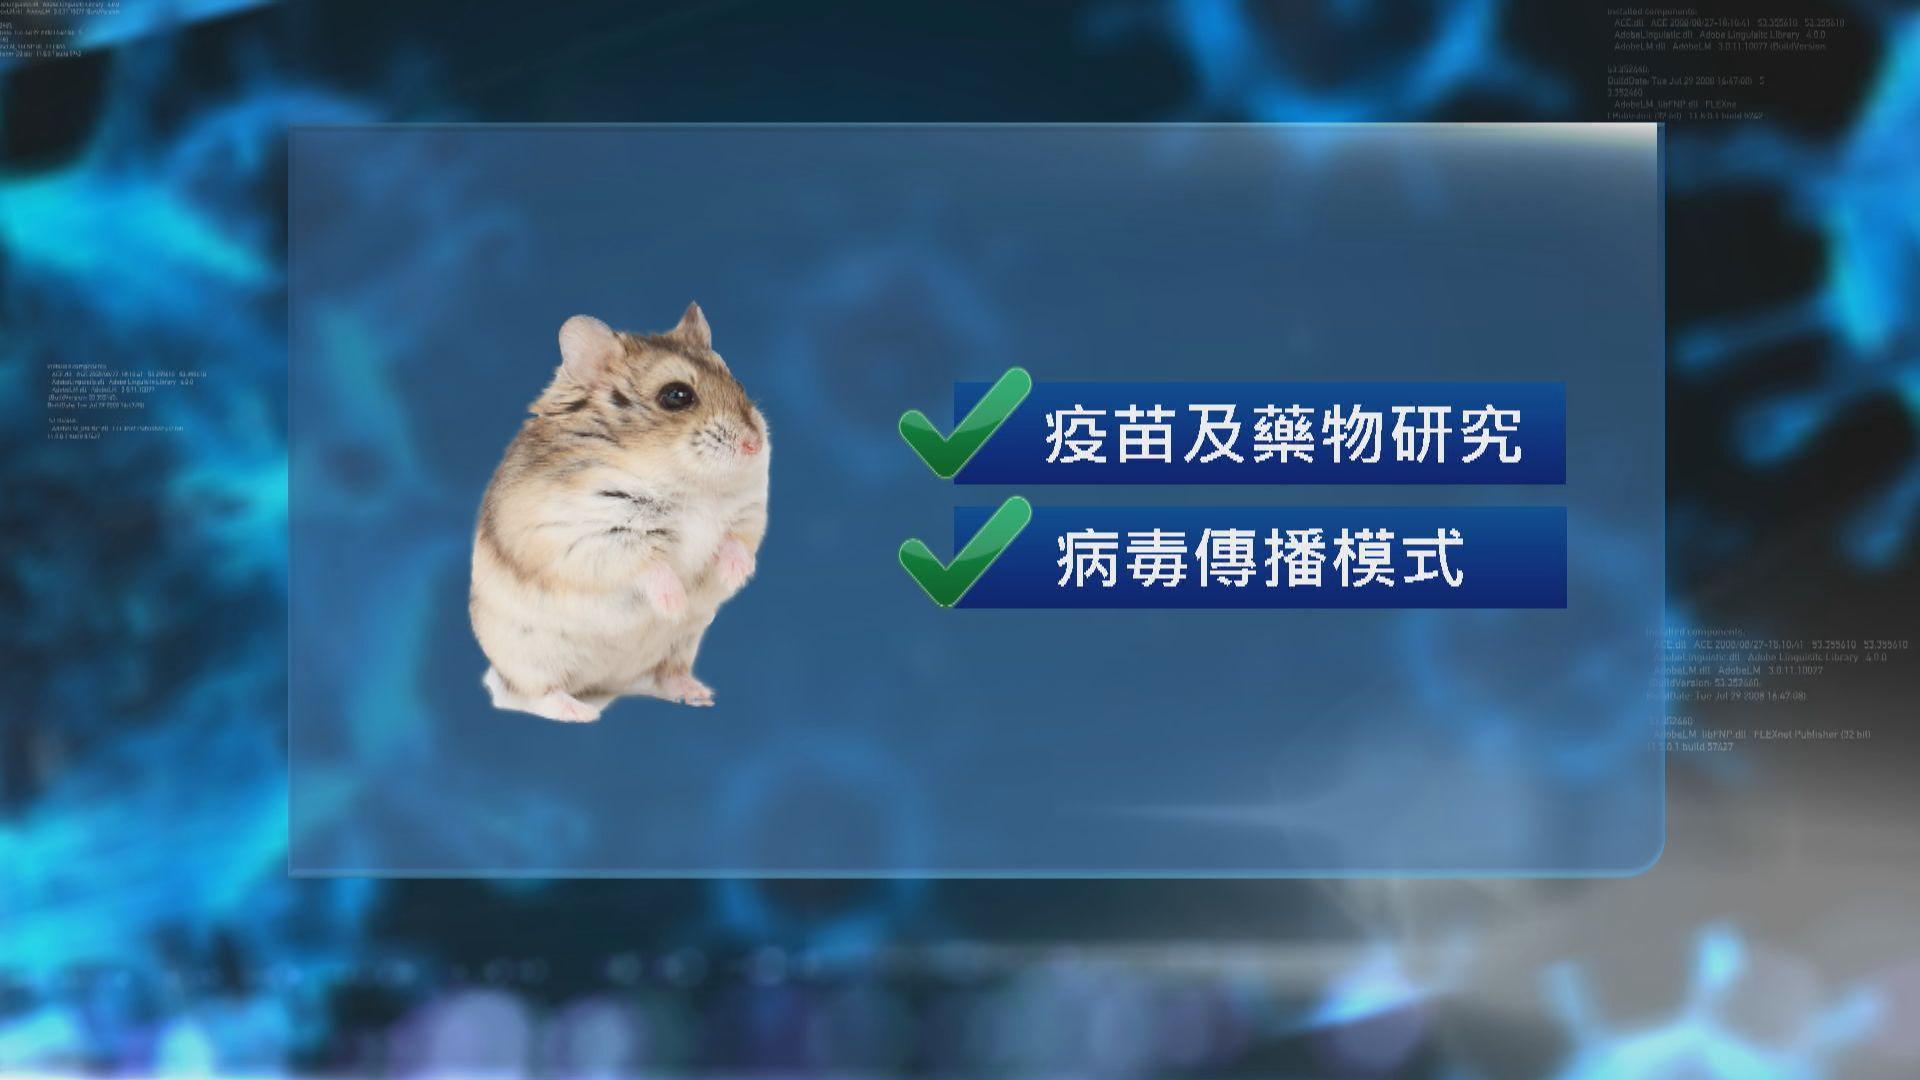 港大研究︰金倉鼠適合用於研究新冠病毒